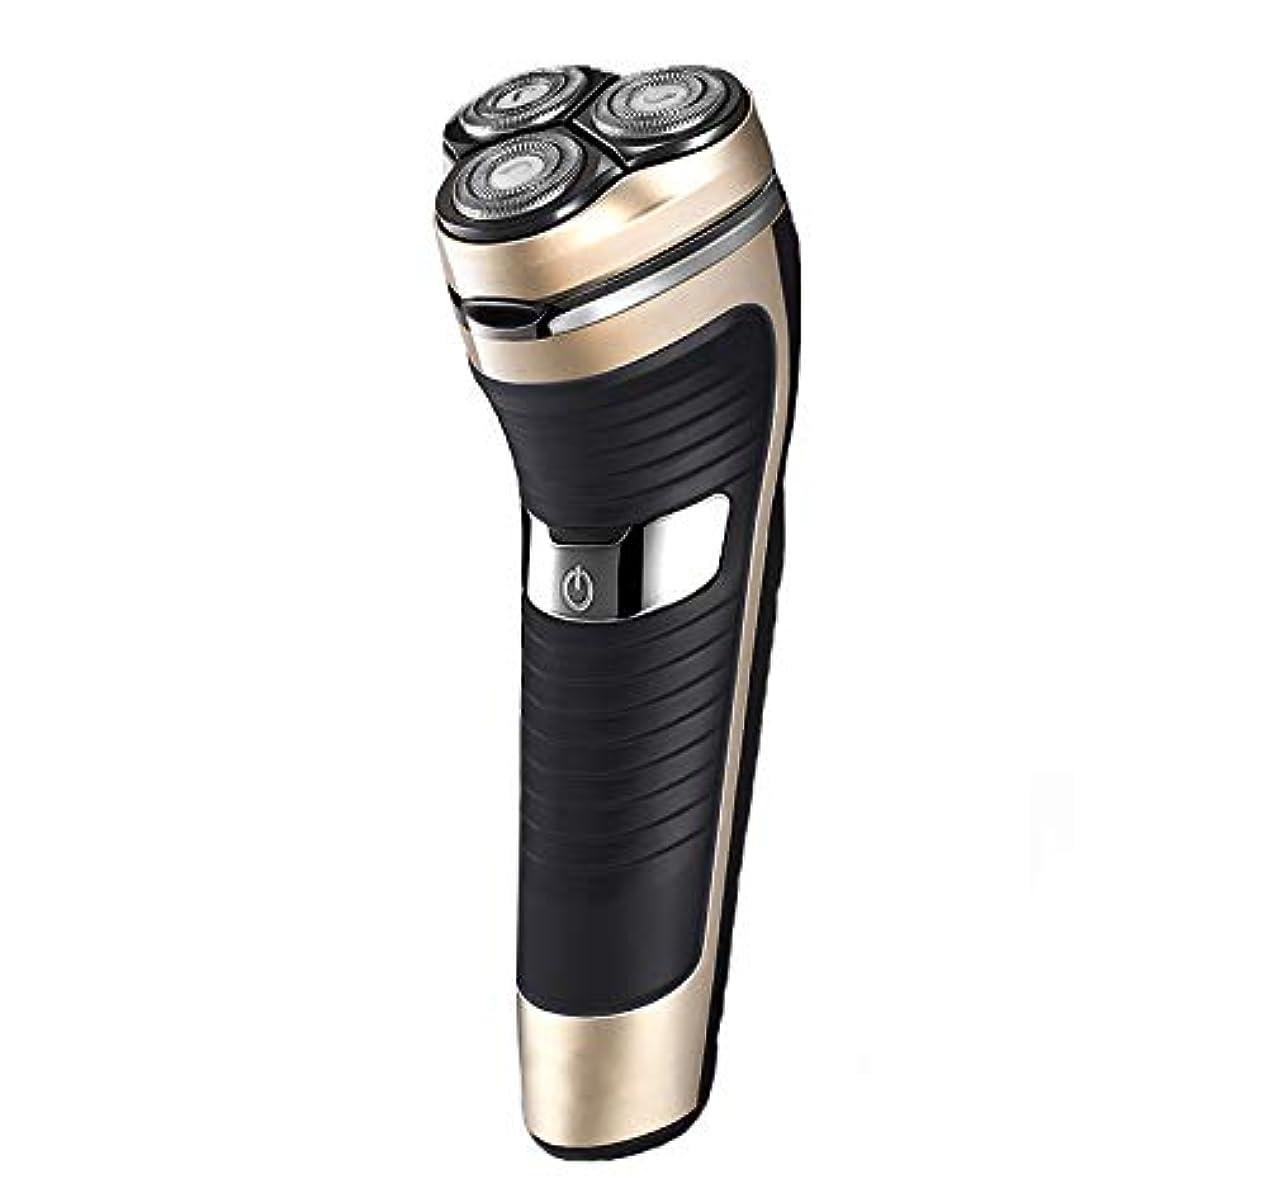 本能コーン試すひげそり 電動 メンズシェーバー,USB充電式 髭剃り 電気シェーバー 回転式 電気シェーバー IPX7防水 持ち運び便利 お風呂剃り丸洗い可 旅行用 家庭用